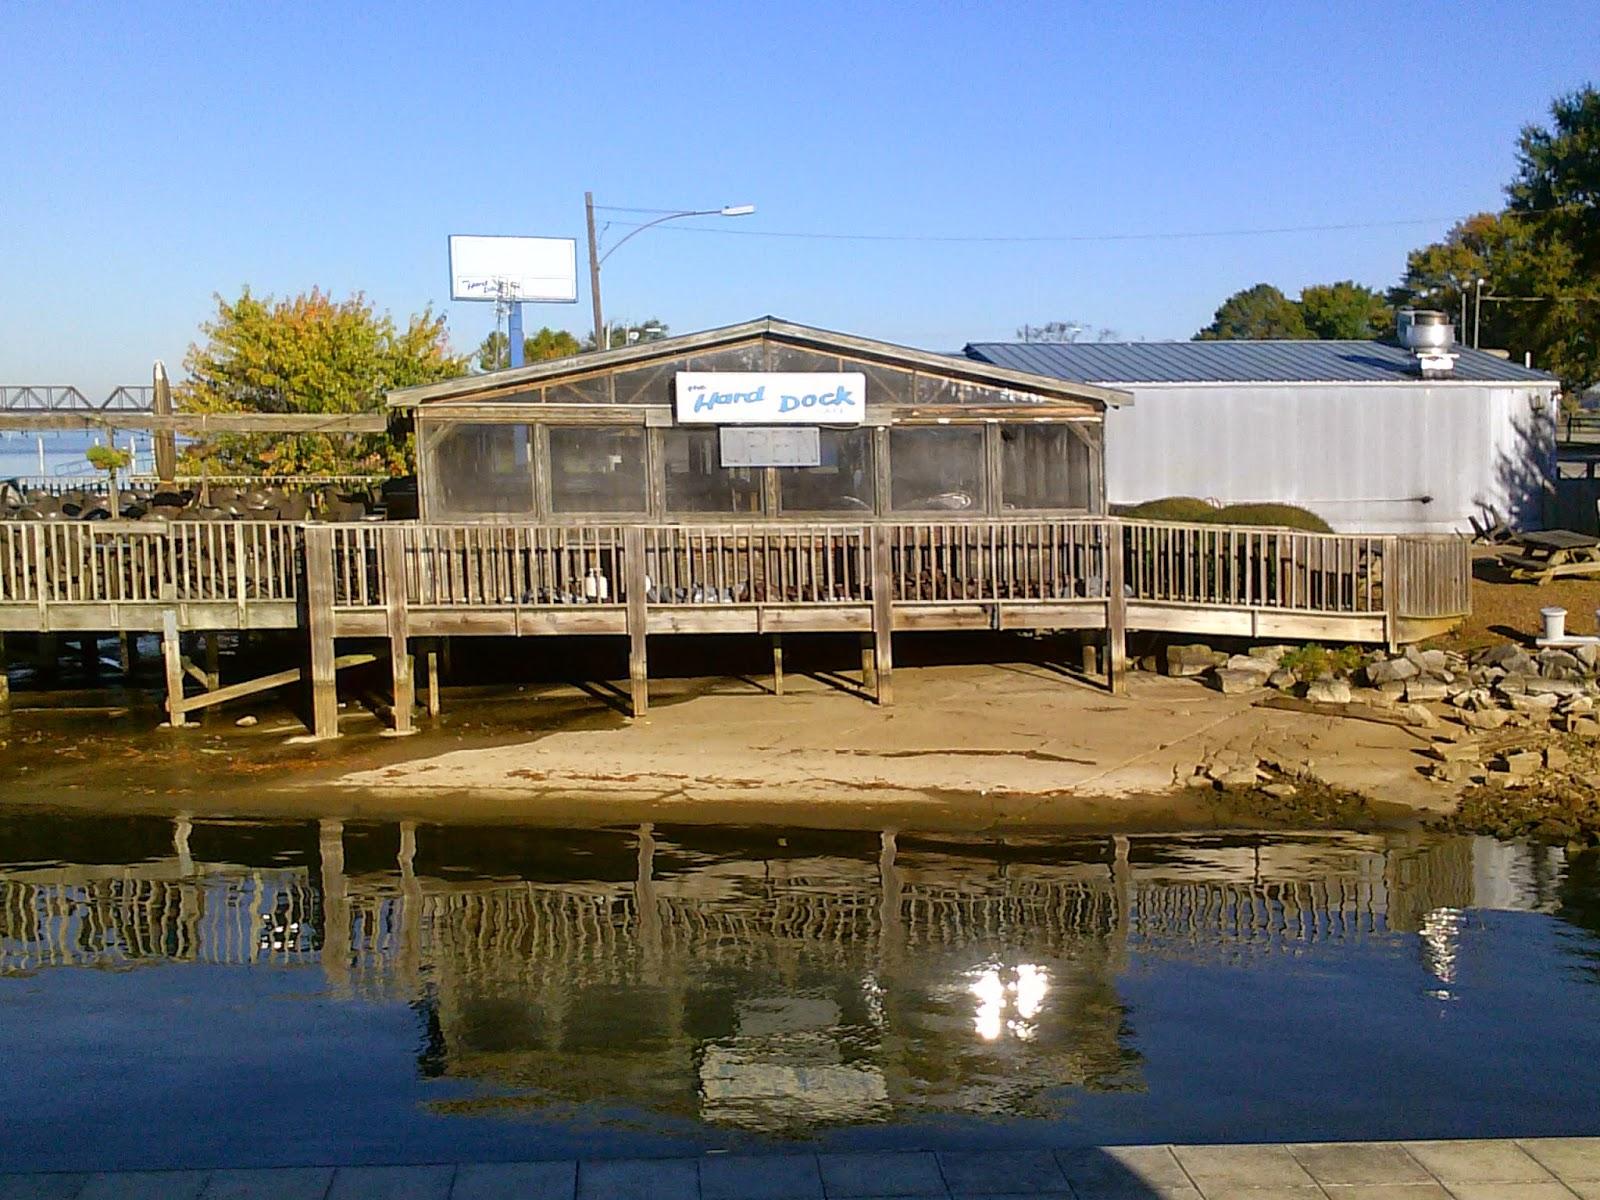 Hard Dock Cafe Decatur